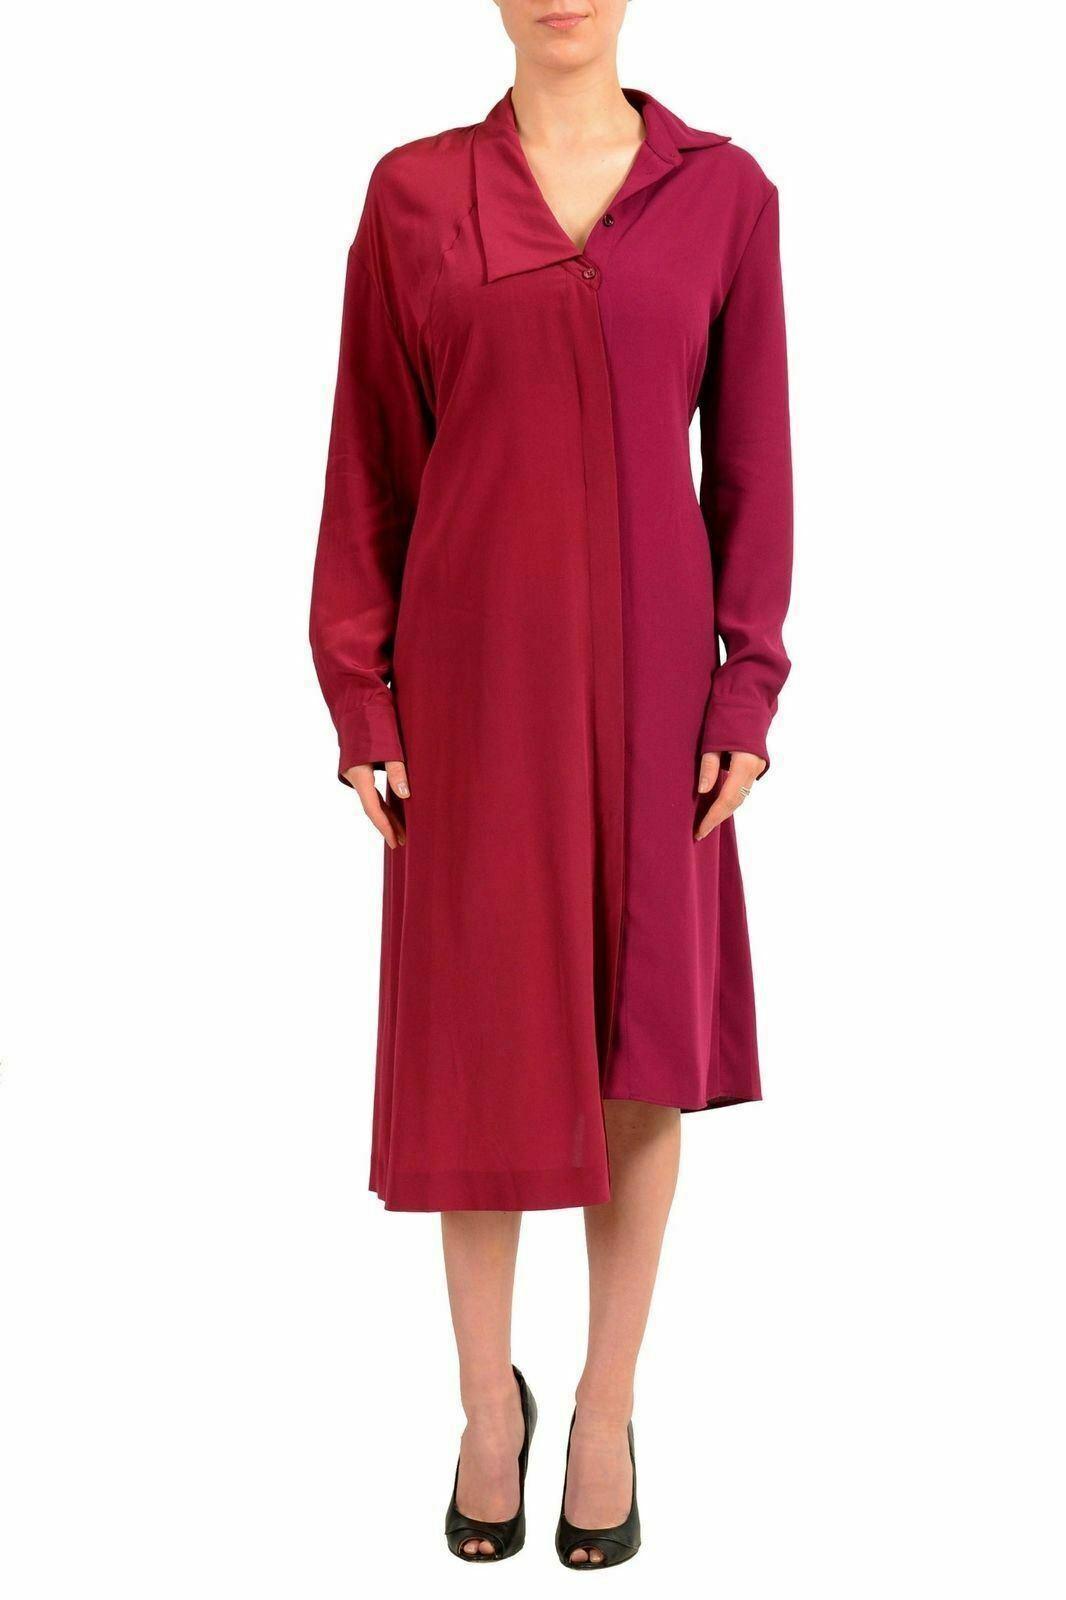 Maison Margiela 1 100% Seda Rojo Magenta Botones Camisa  de vestir nos M 42  descuento de bajo precio